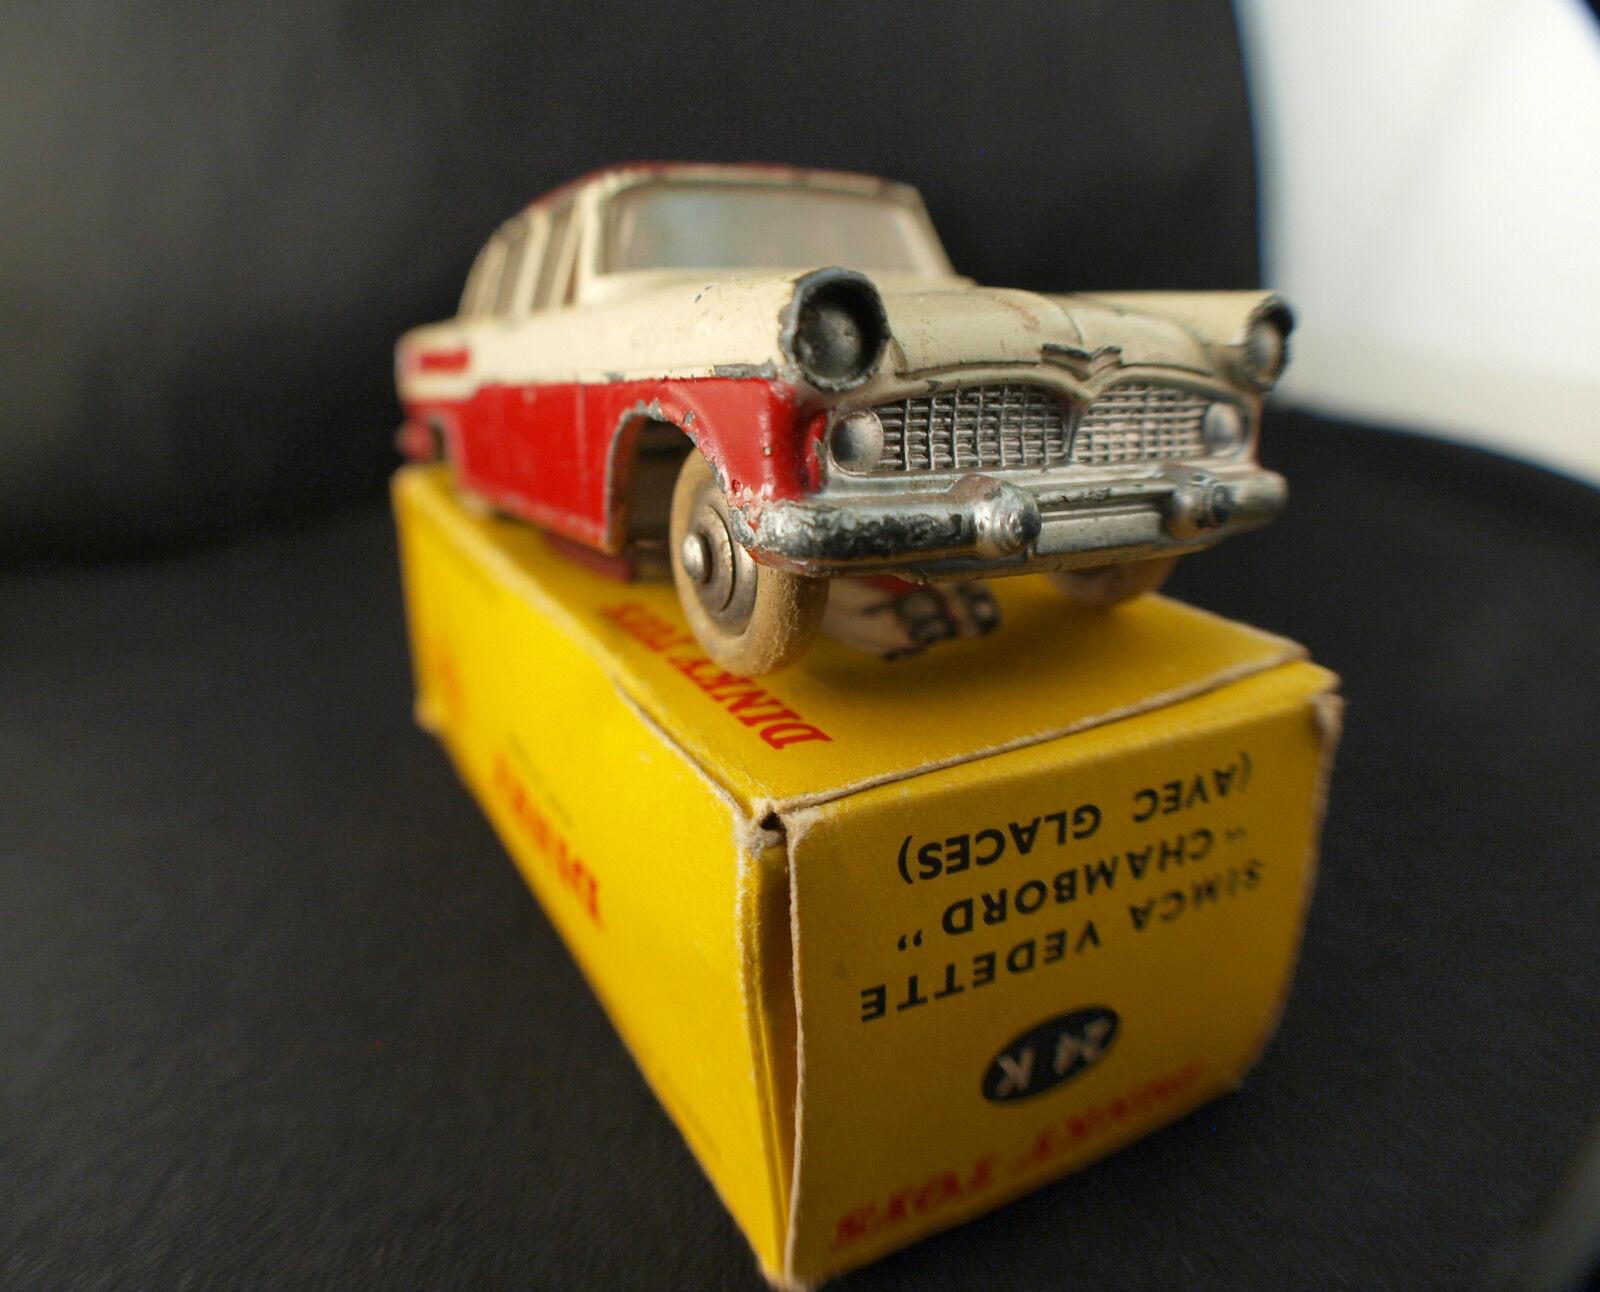 Un fou de de de Noël remporte une grande concurrence Dinky Toys F 24 K Simca vedette Chambord en boîte | La Reine De La Qualité  2d401e